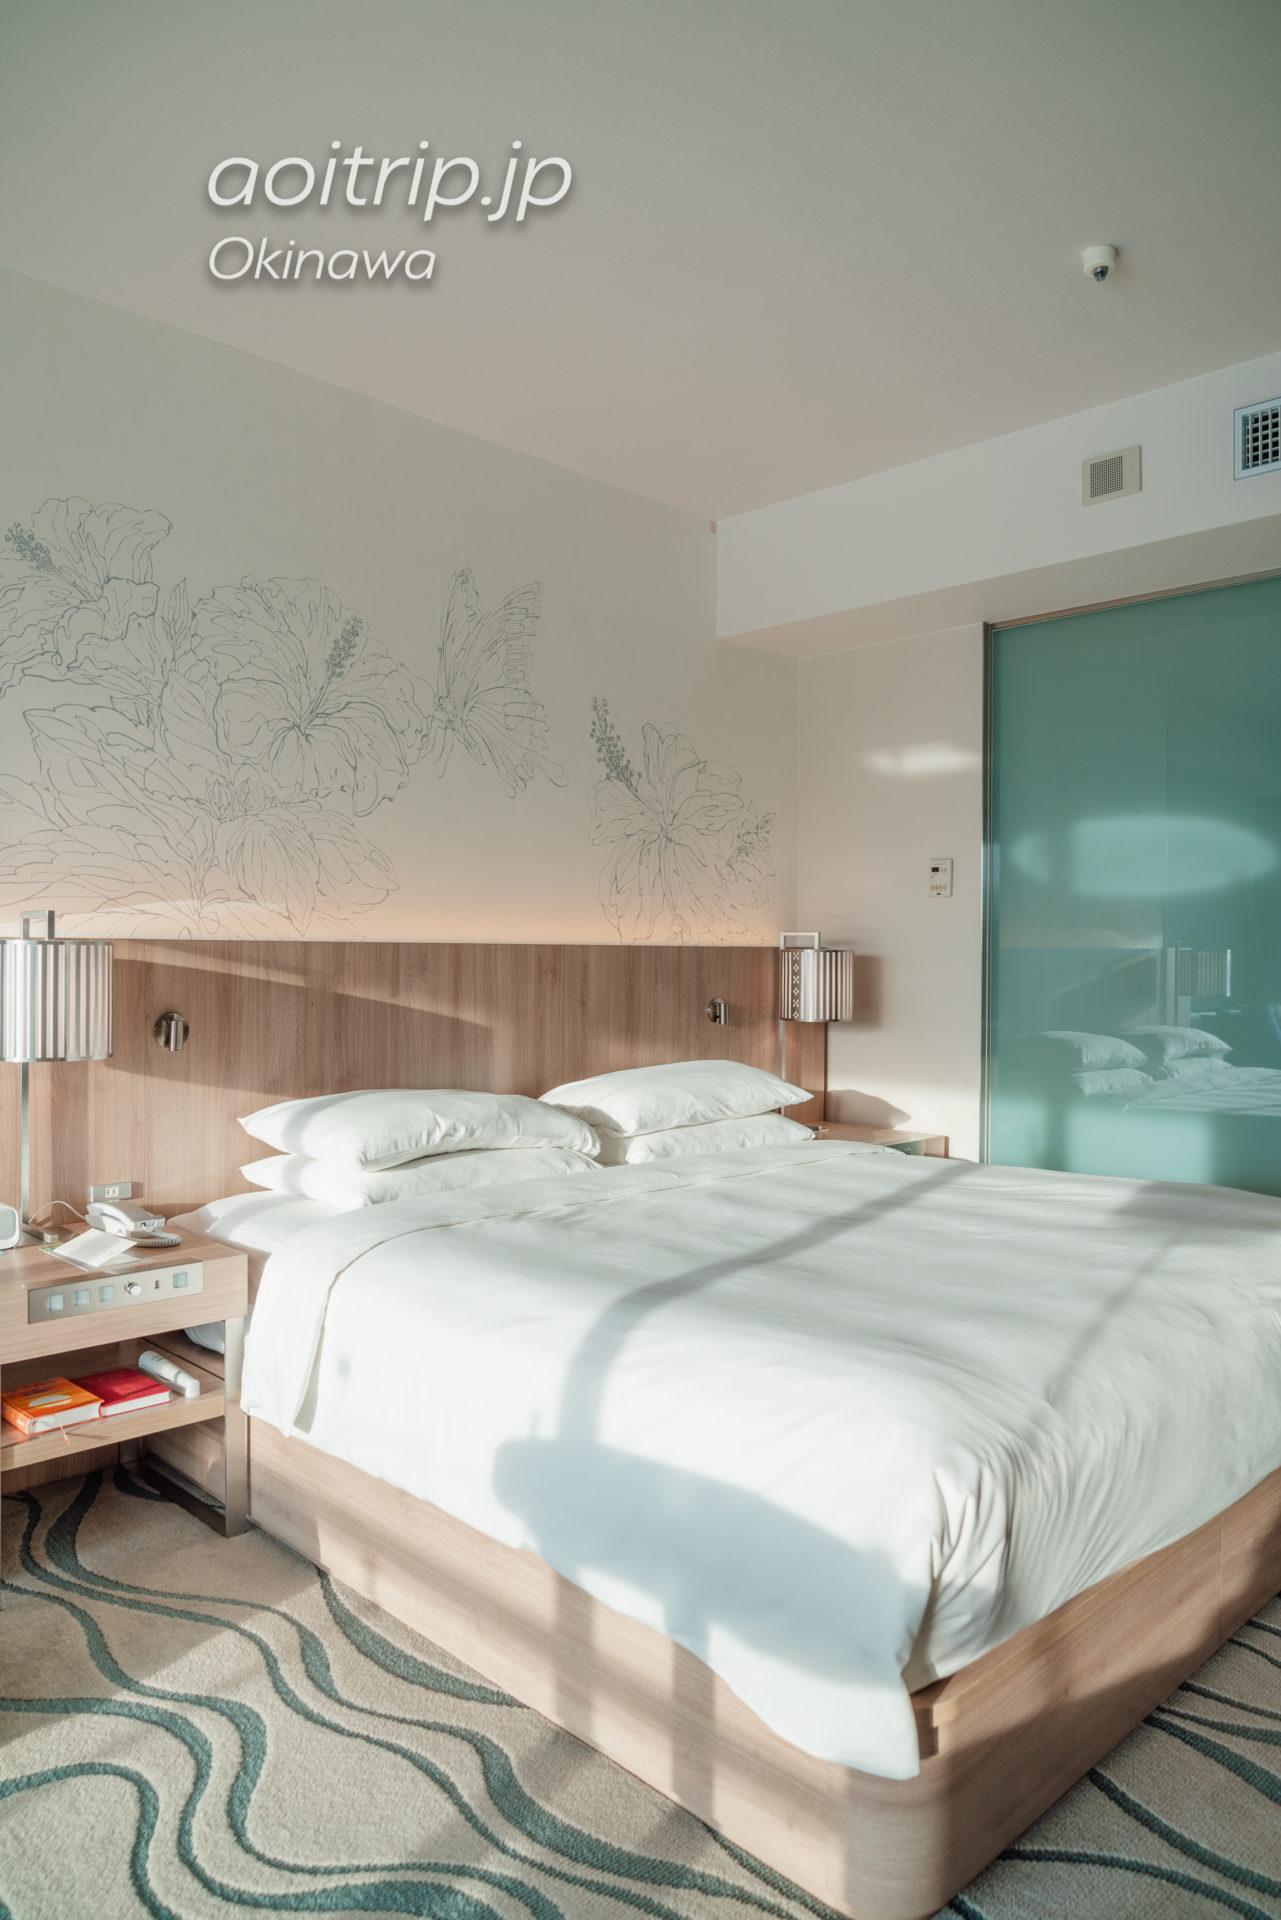 ルネッサンスリゾート オキナワの客室バルコニーから望むオーシャンビュー